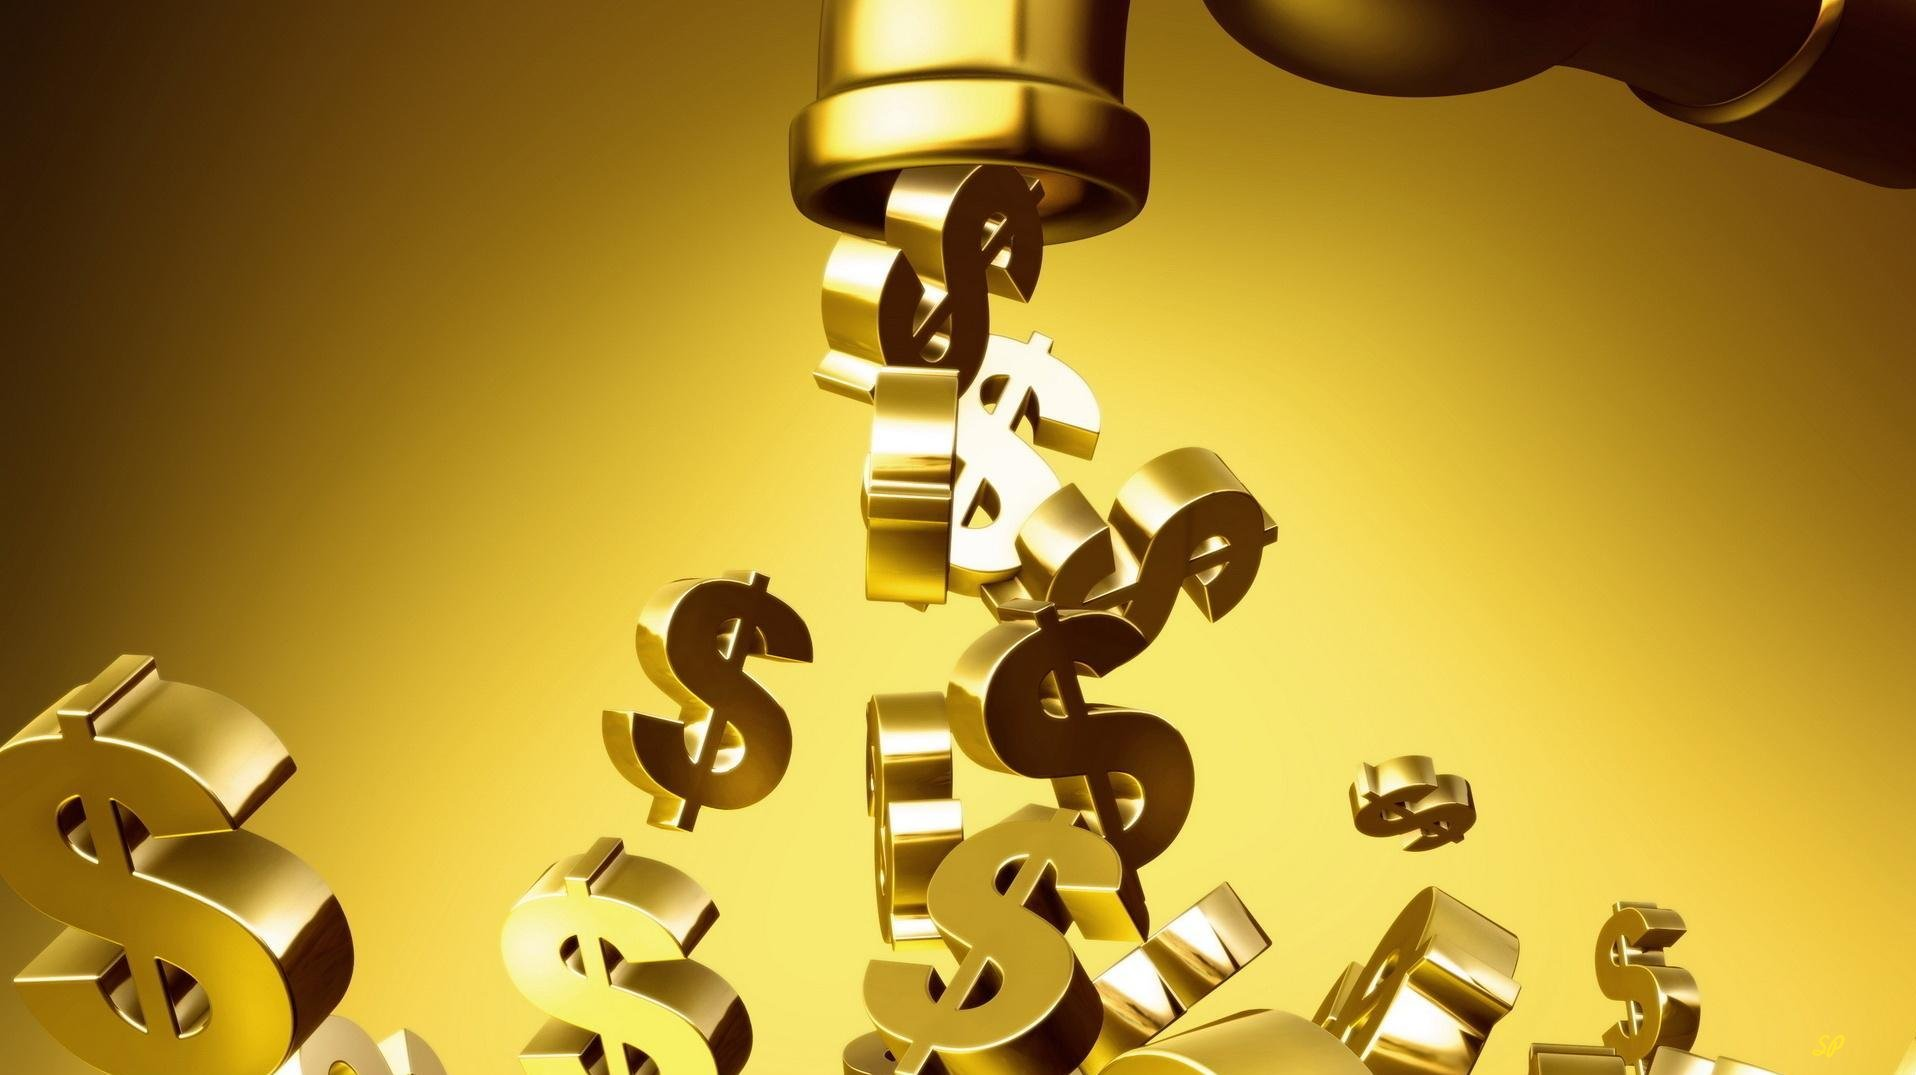 Золотые значки доллара, вытекающие из золотого крана на золотом фоне